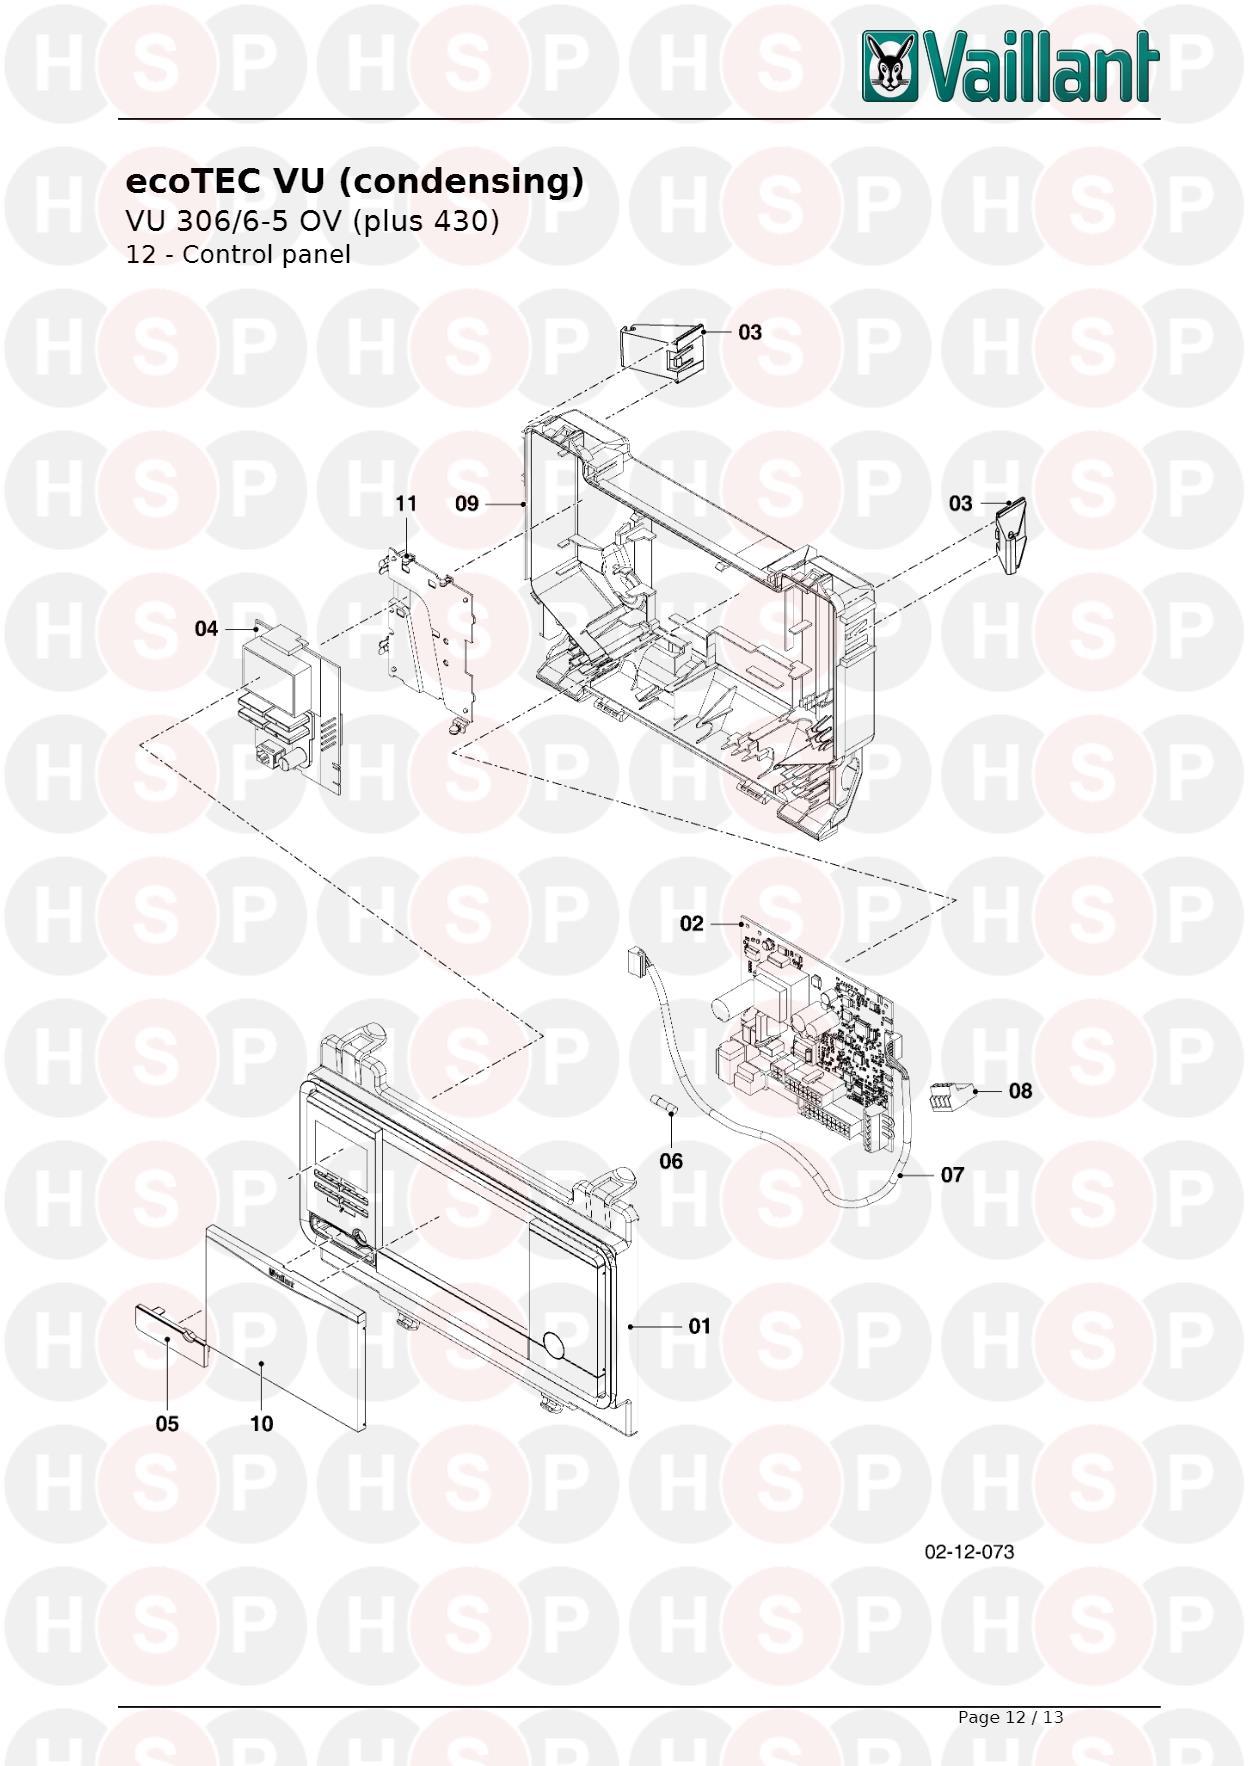 Vaillant ecotec plus 430 vu 3066 5 ov 2015 2016 12 control box 12 control box diagram for vaillant ecotec plus 430 vu 3066 5 ov cheapraybanclubmaster Images